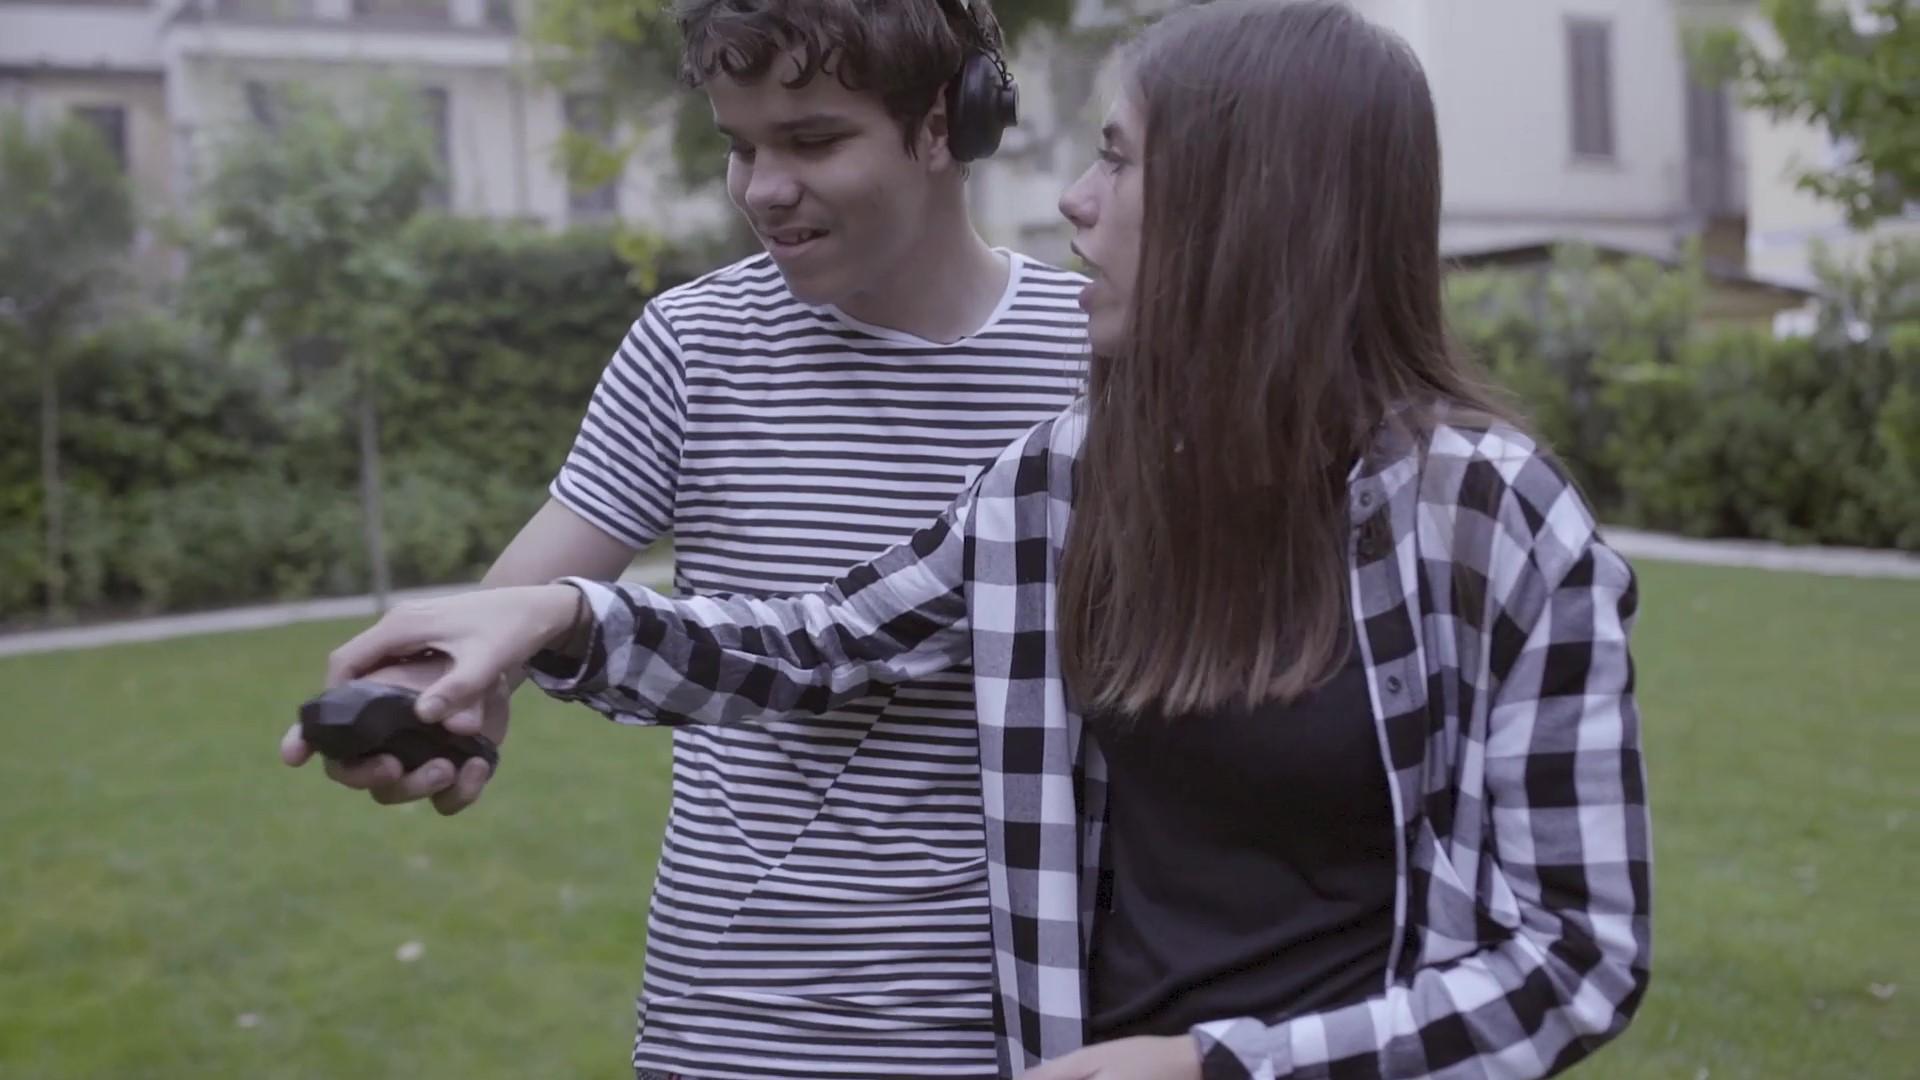 Arianna Ortelli a 24 anni inventa una console per far giocare ipo e non vedenti. La sua storia - Valore Responsabile